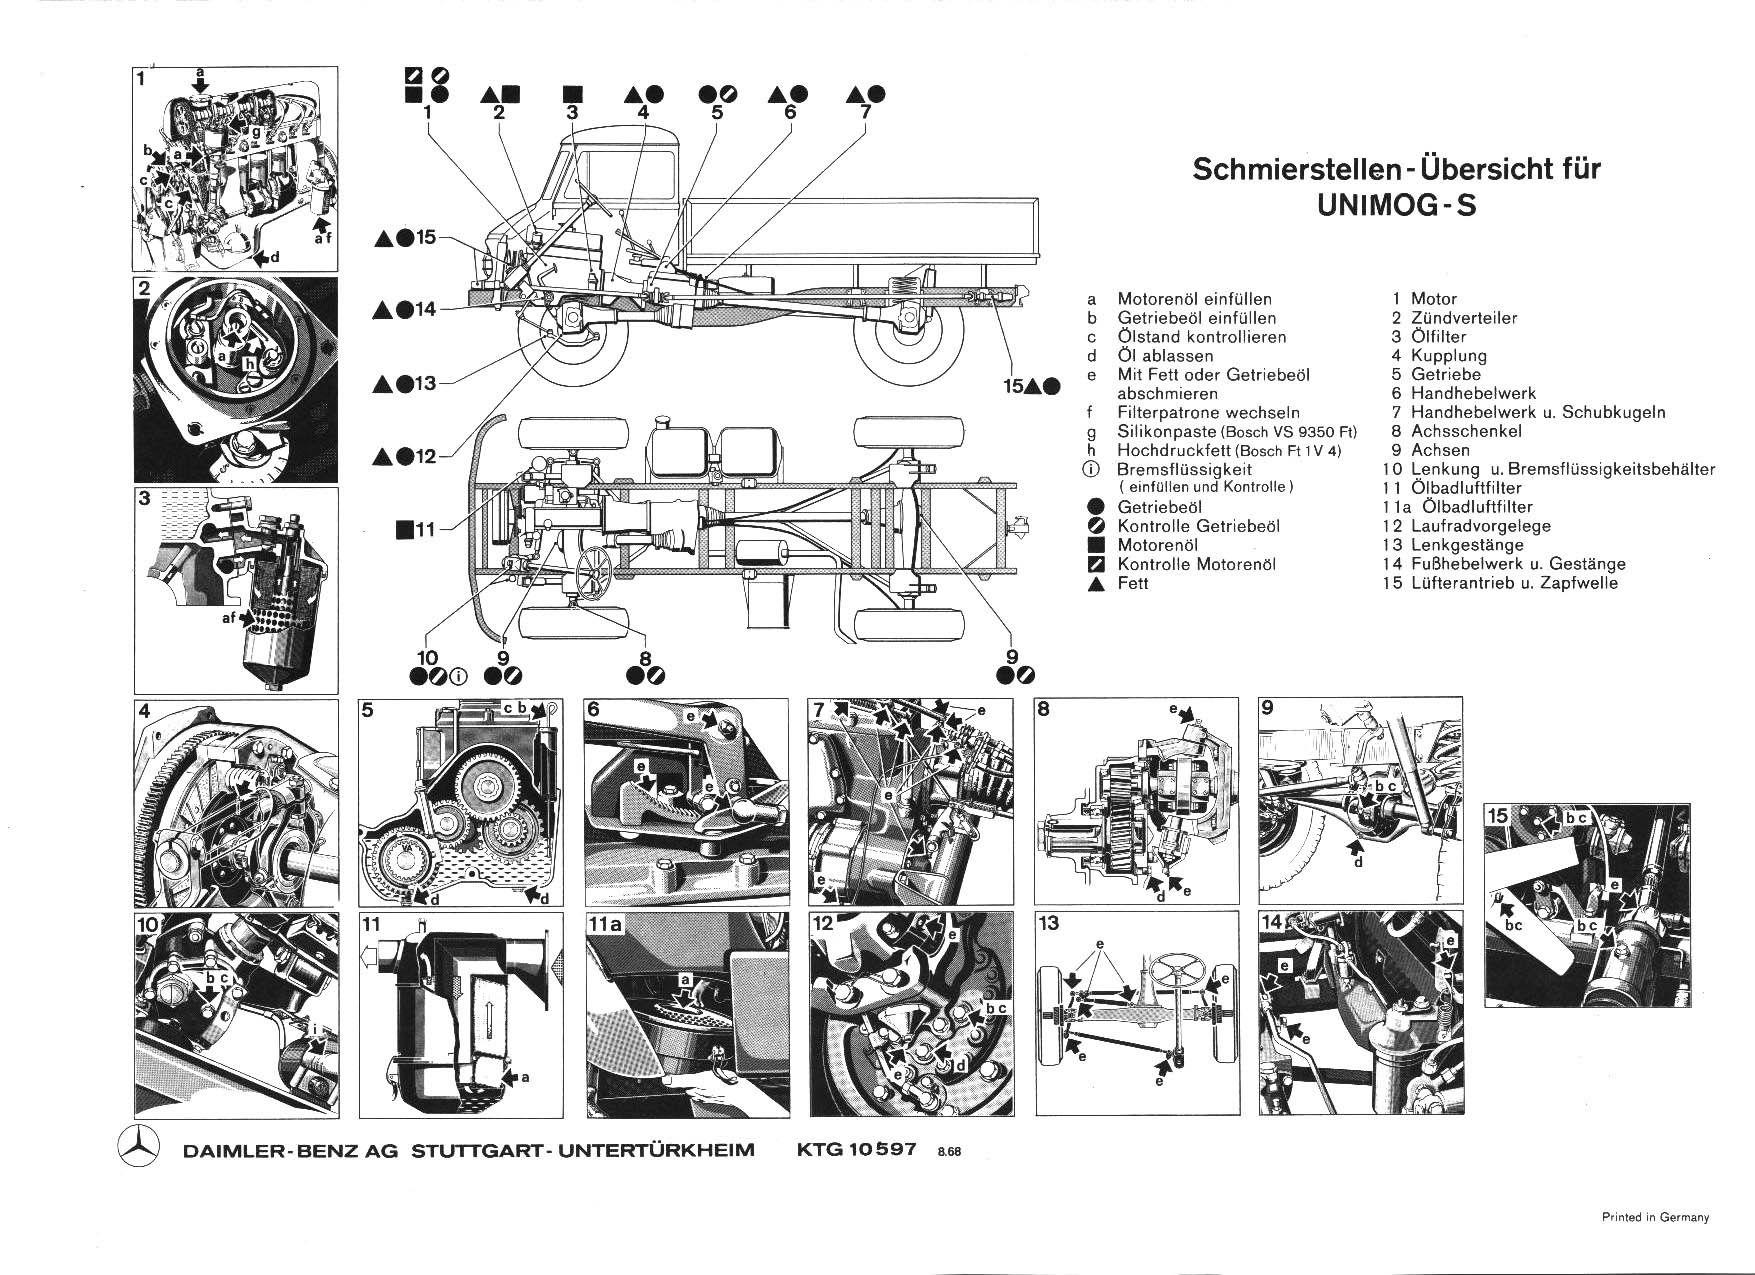 Unimog drawing  Grease plan plan de engrase Schmierungsplan